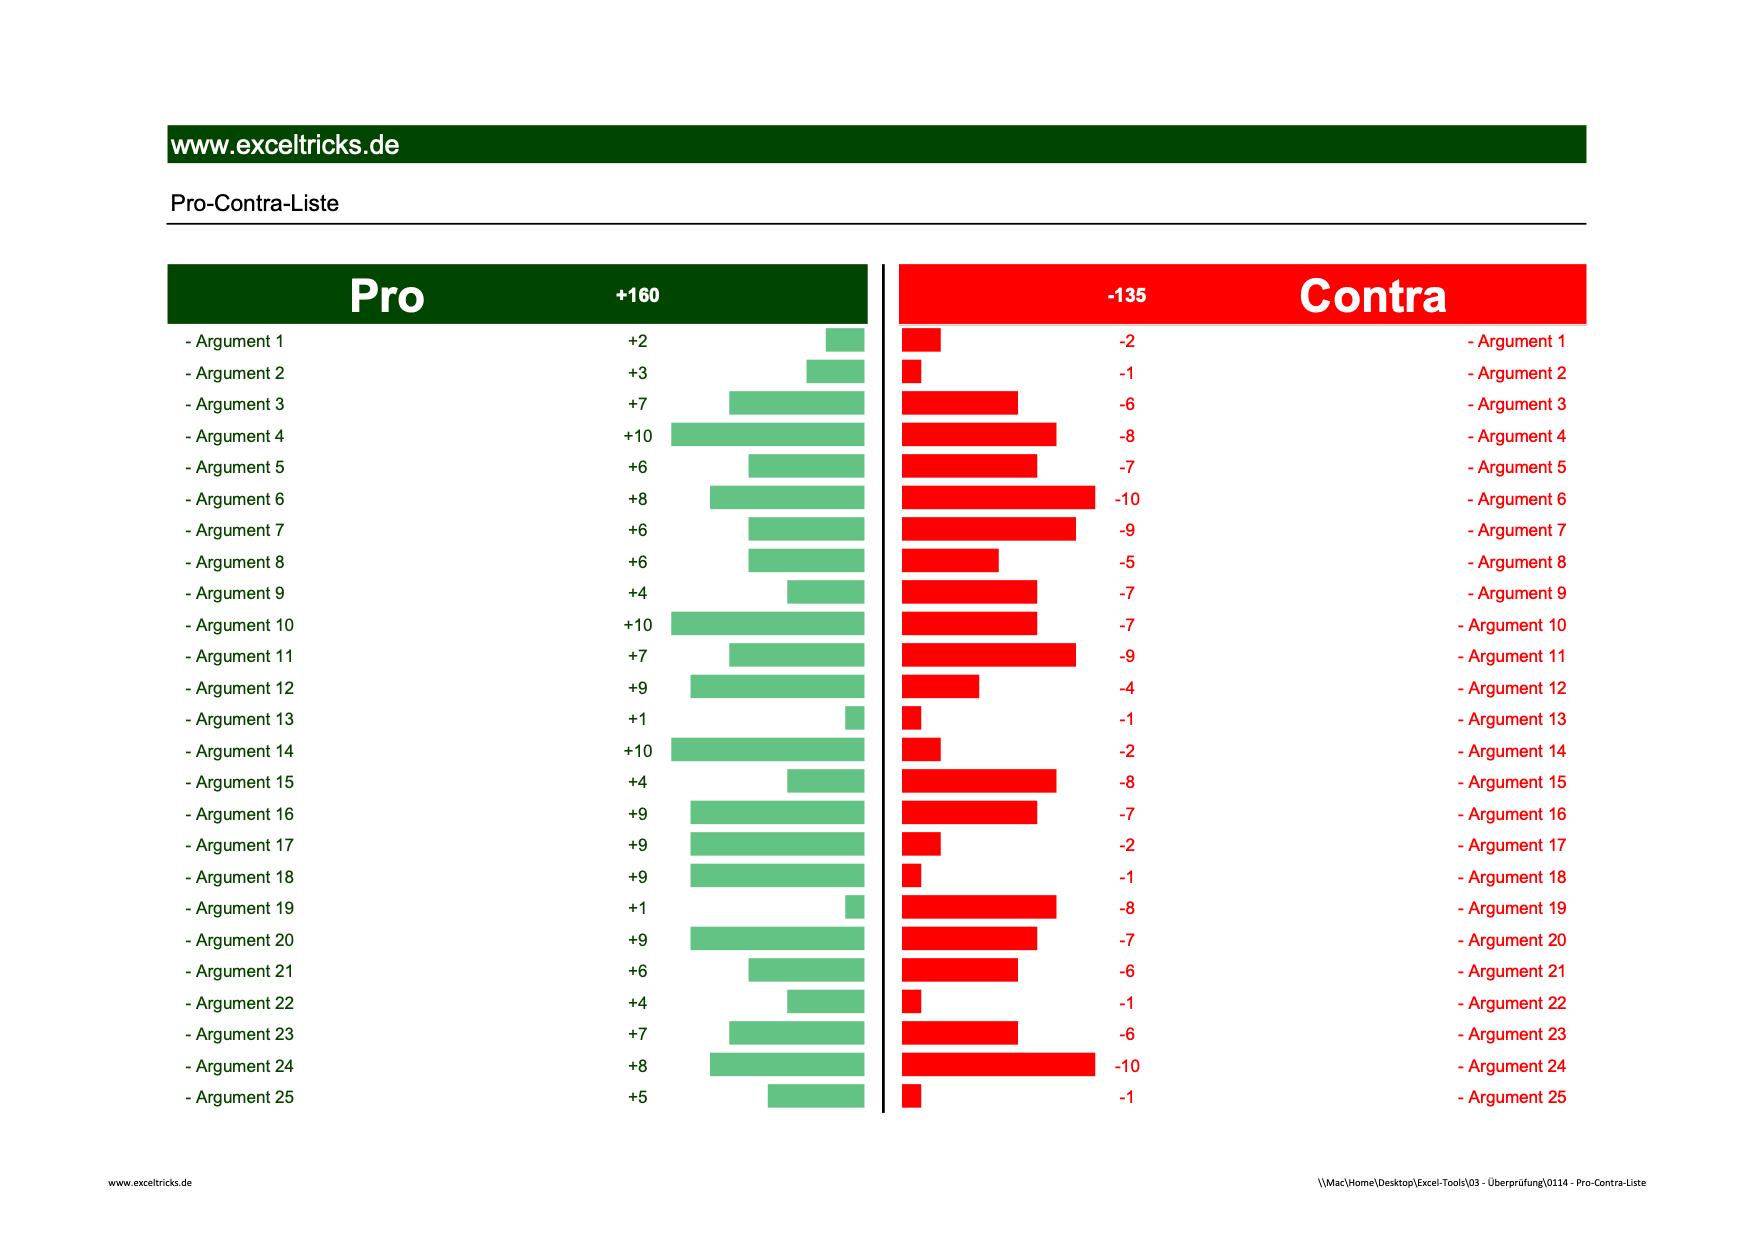 Mit Der Excel Vorlage Pro Contra Liste Bessere Entscheidungen Treffen Exceltricks Excel Vorlage Entscheidungsfindung Vorlagen